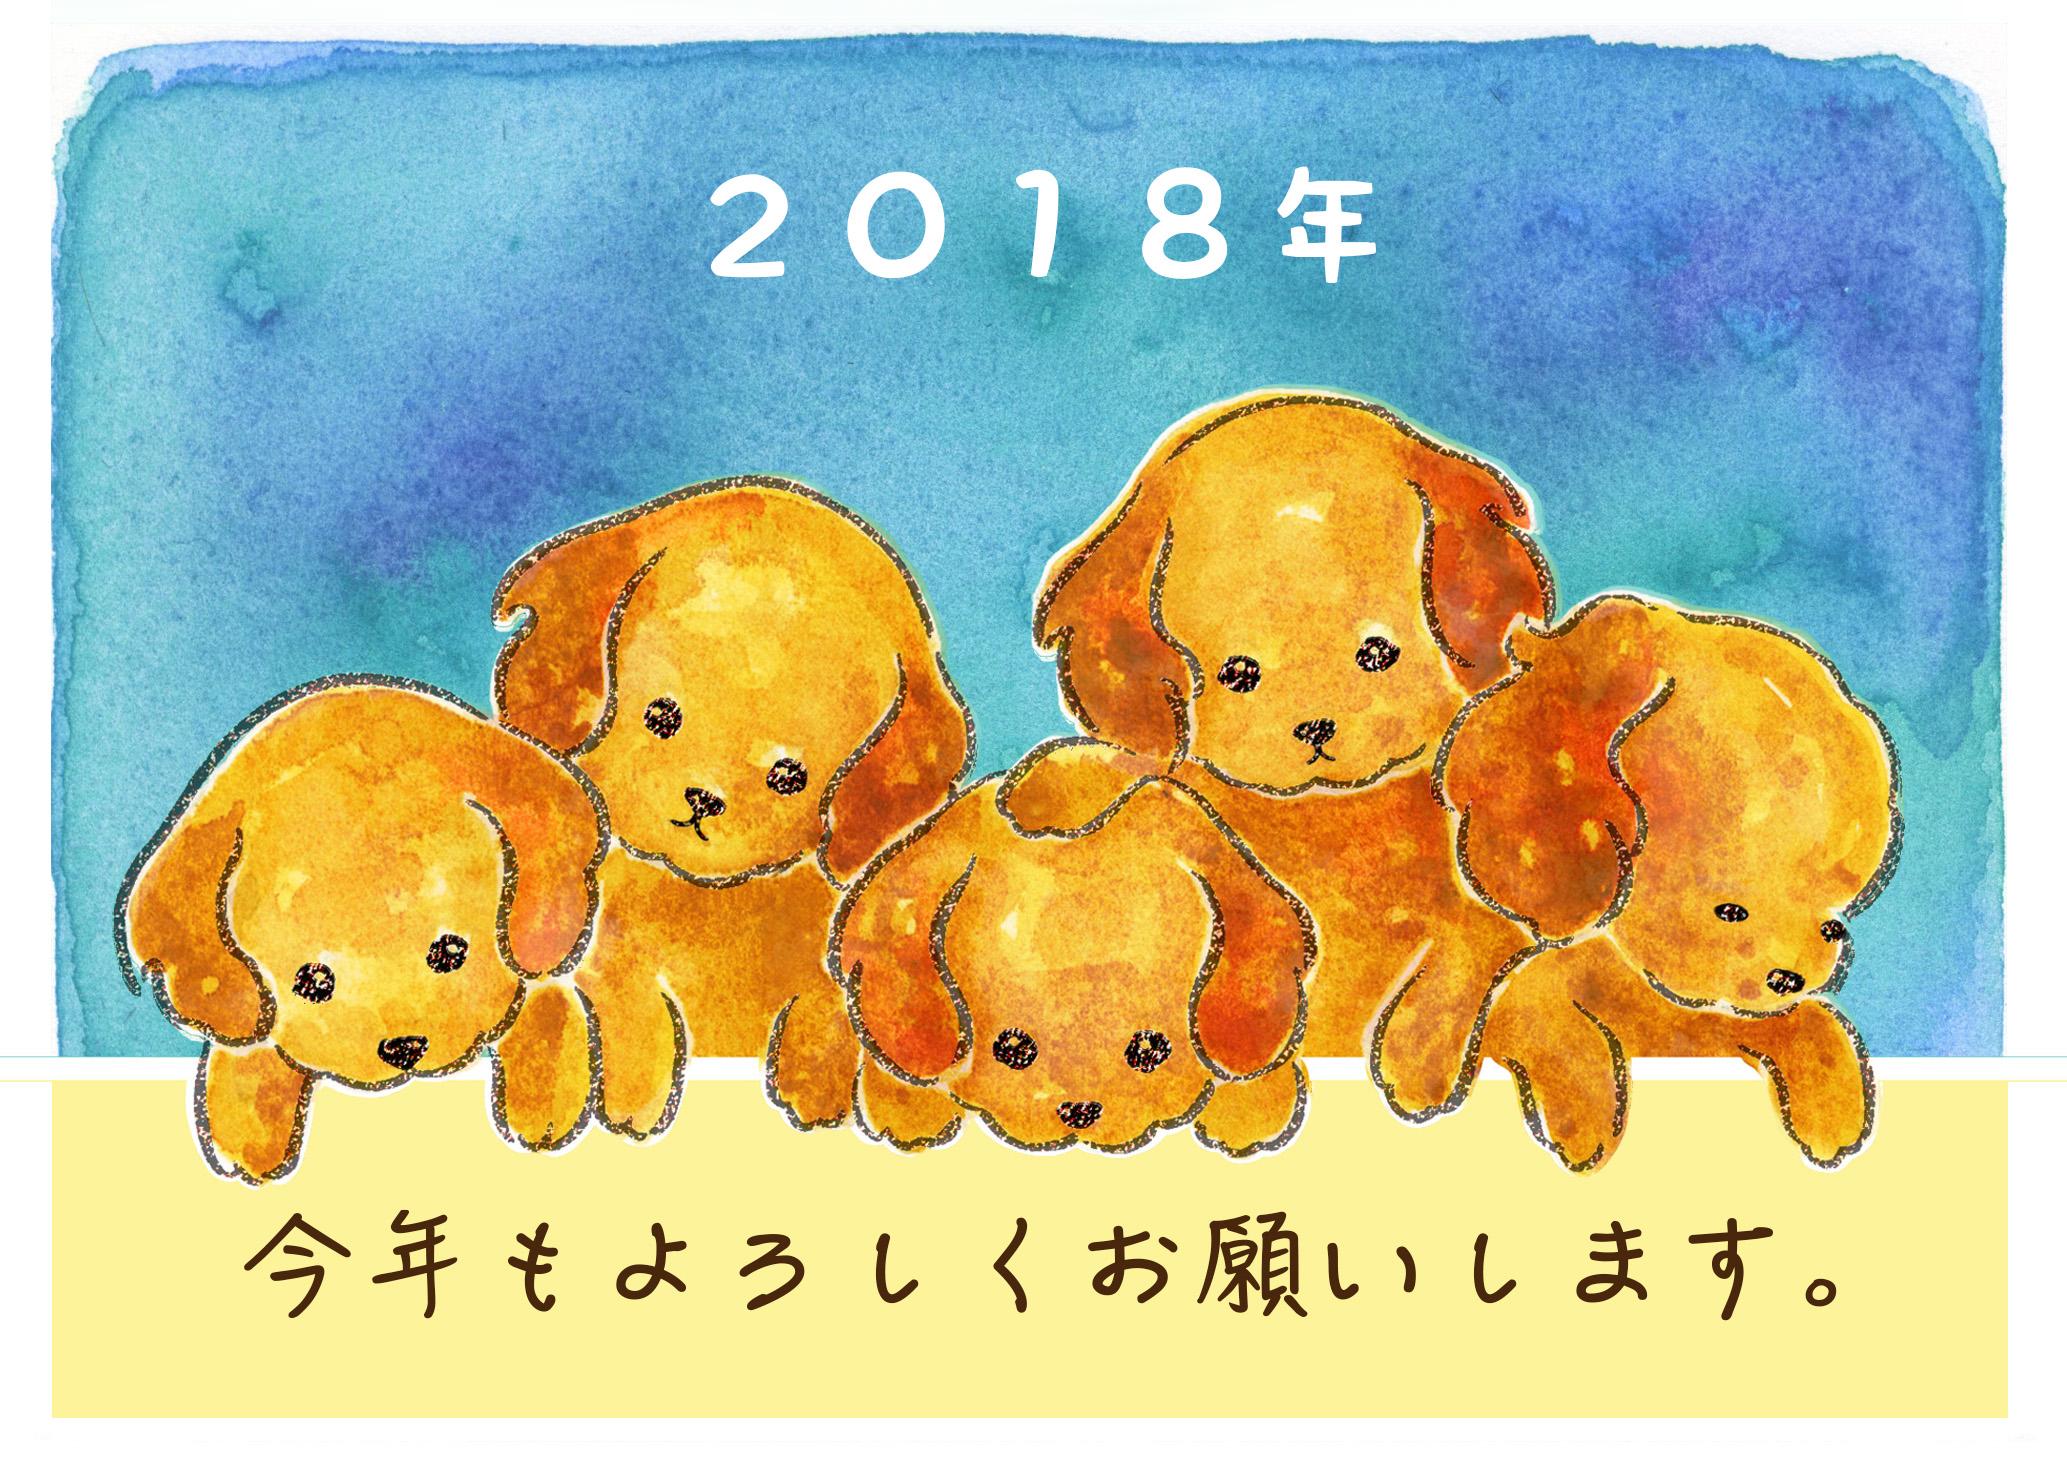 2018年明けました。そしてブログ開設1年。